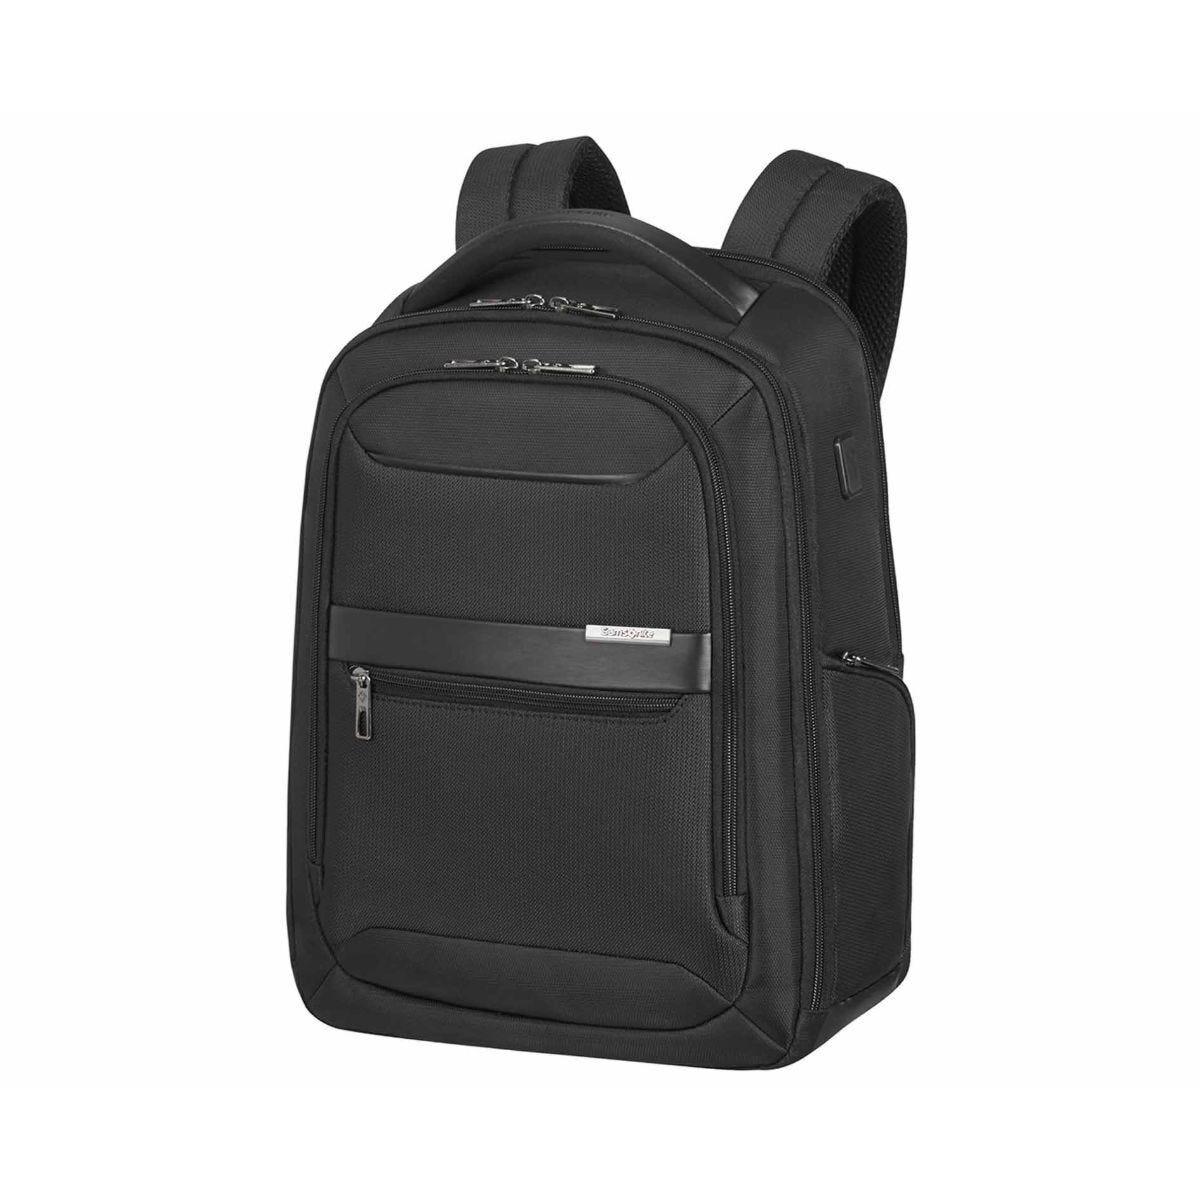 Samsonite Vectura Evo Laptop Backpack 14.1 Inch